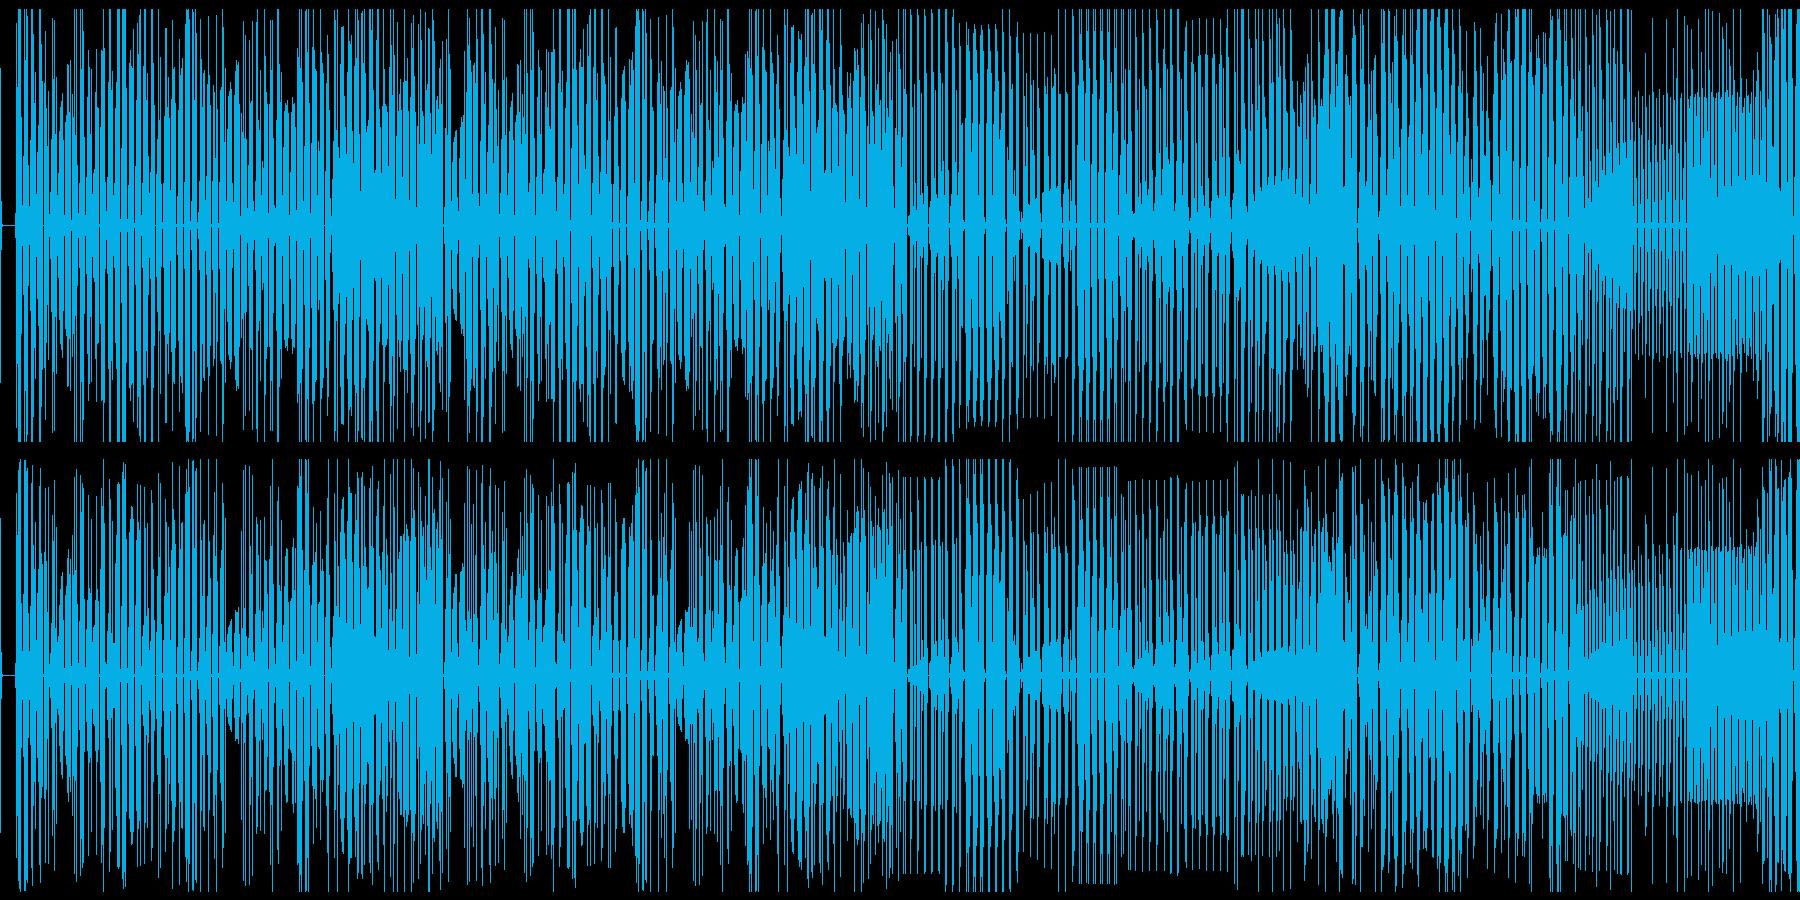 【サイバーパンクなエレクトロニカ】の再生済みの波形